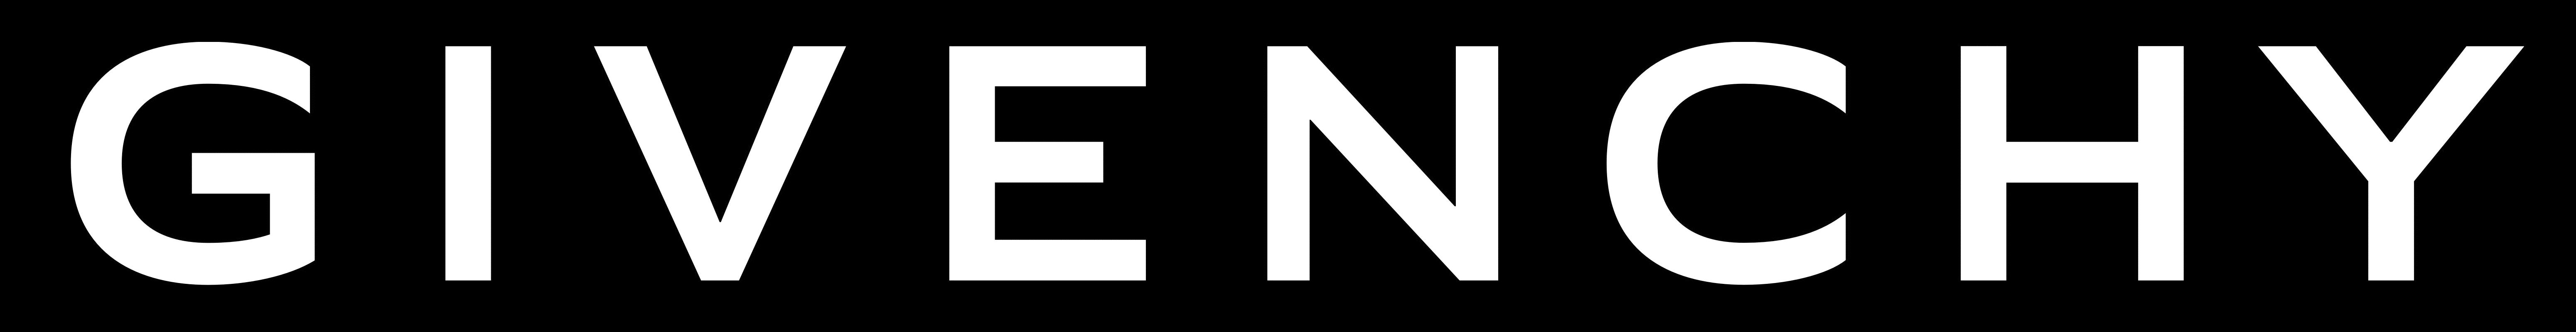 Givenchy – Logos Download